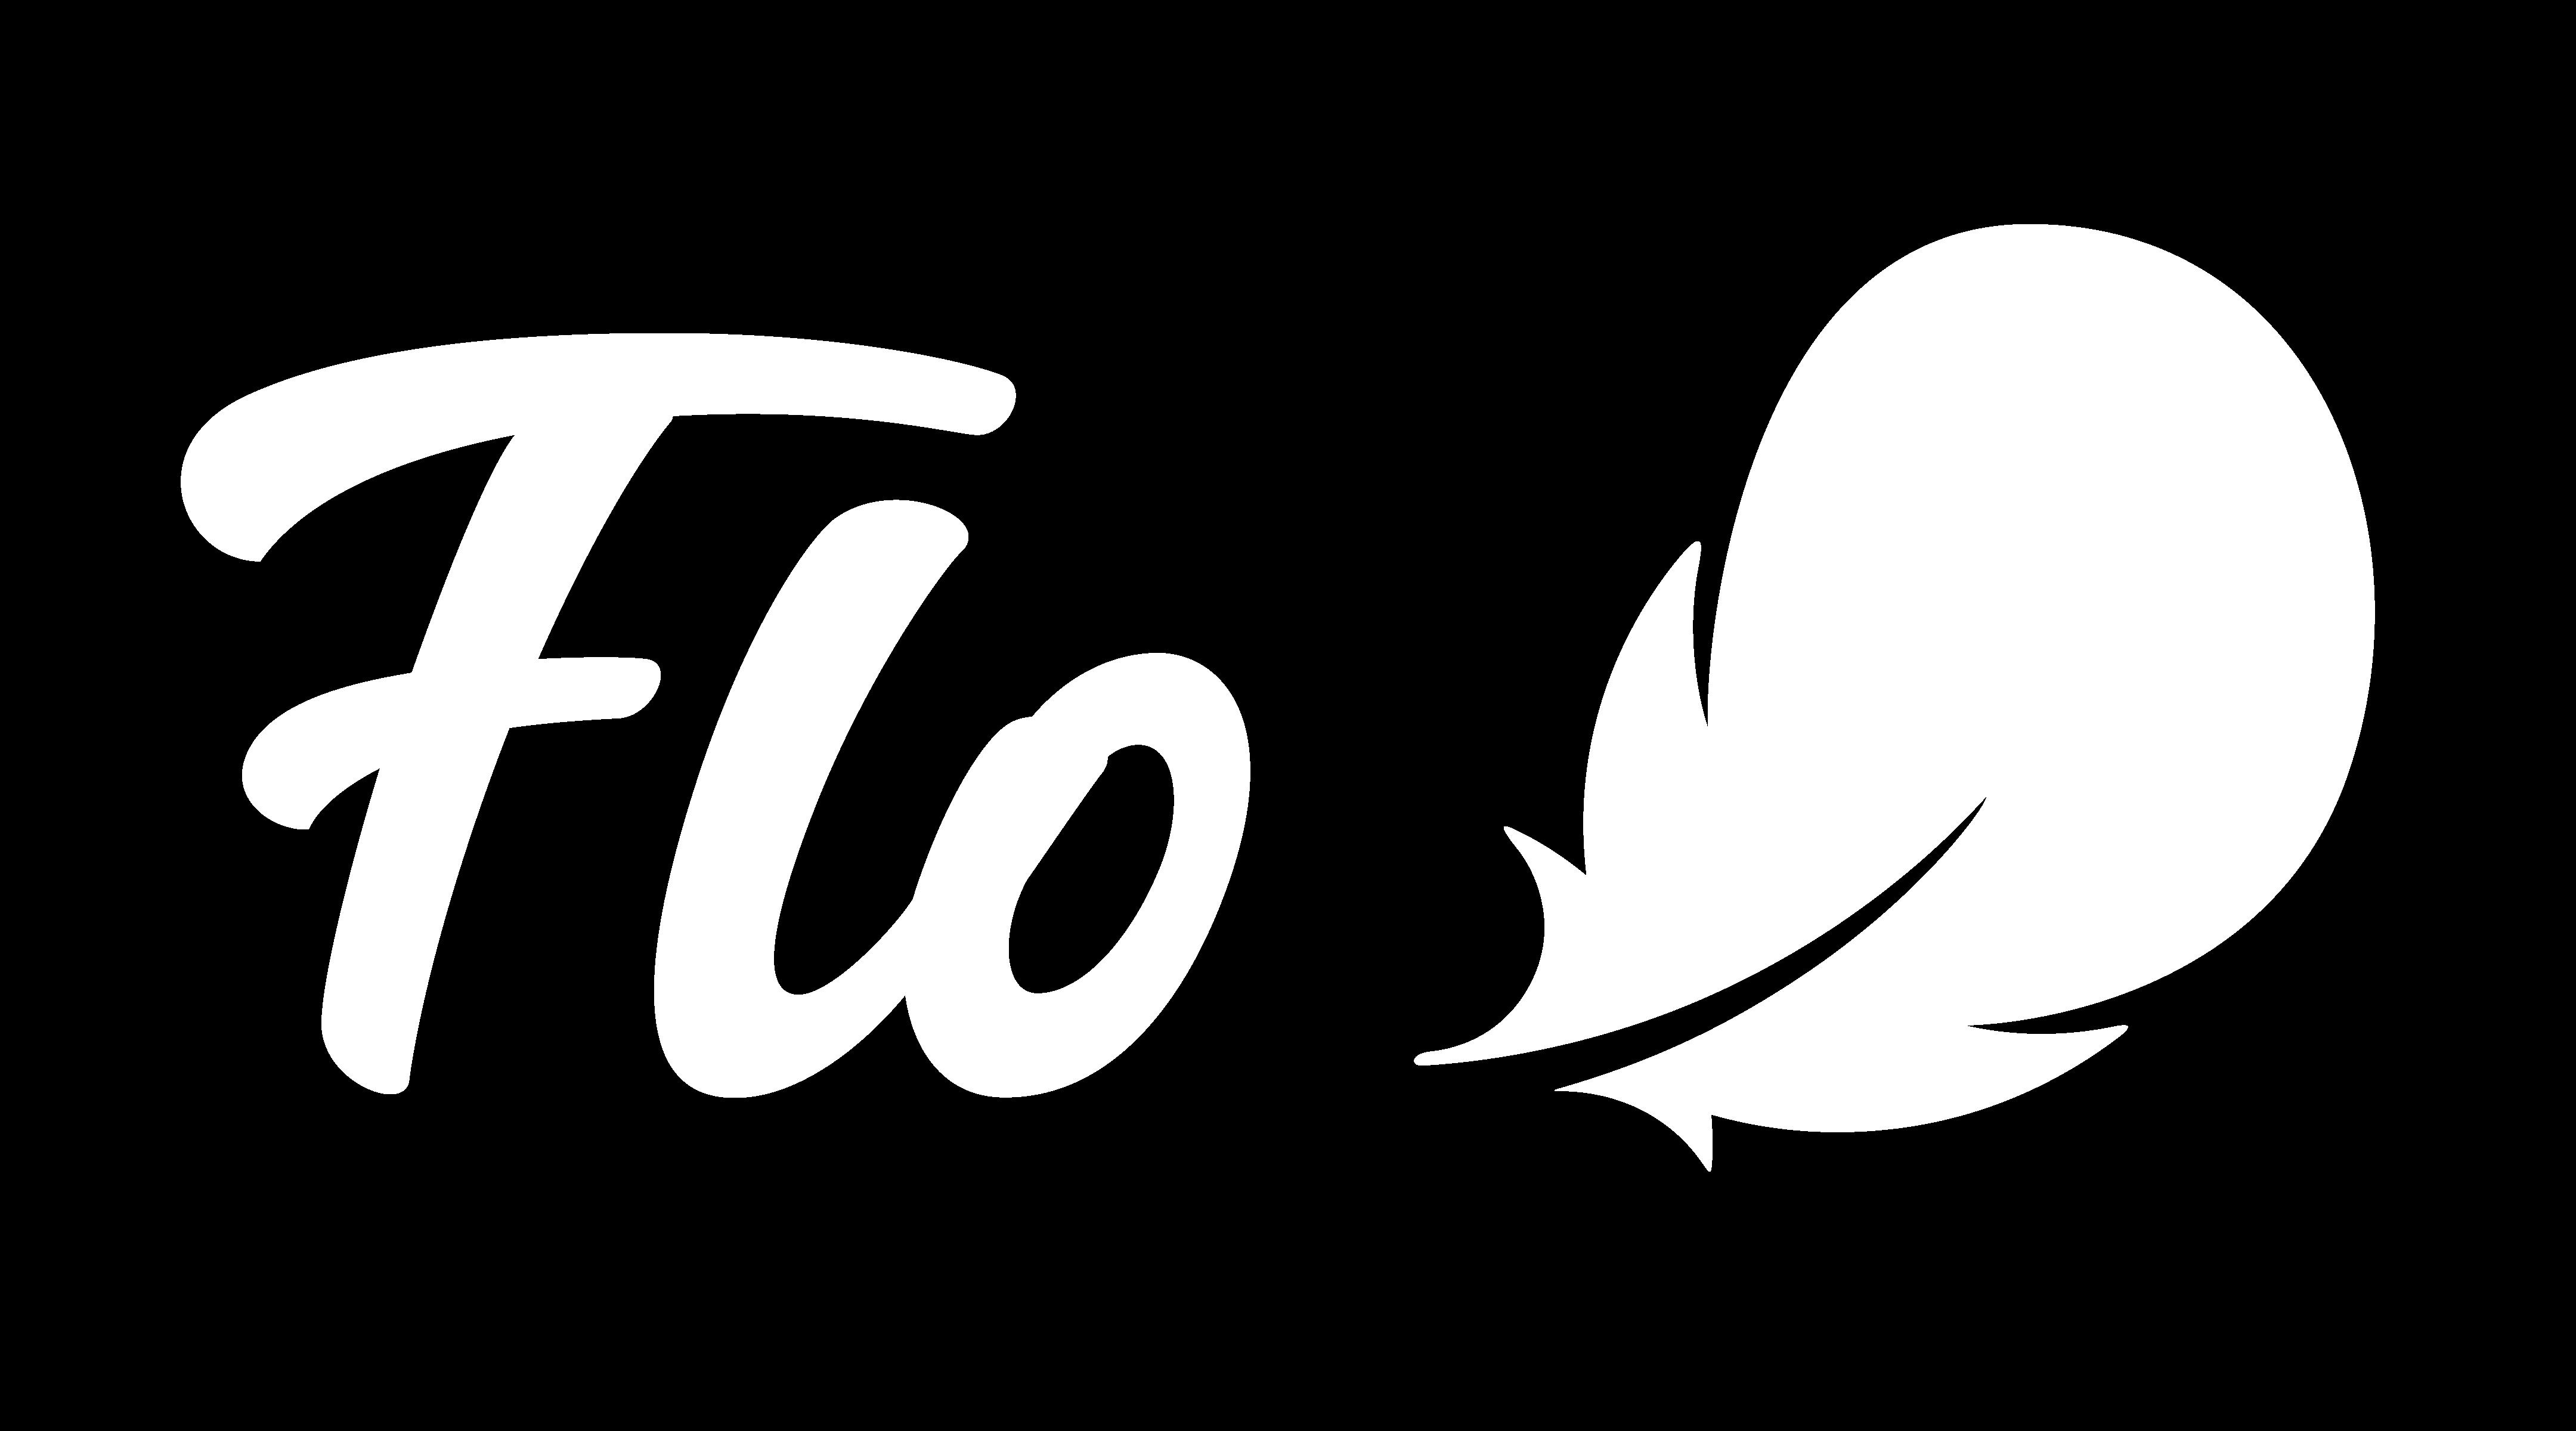 Flo のロゴ